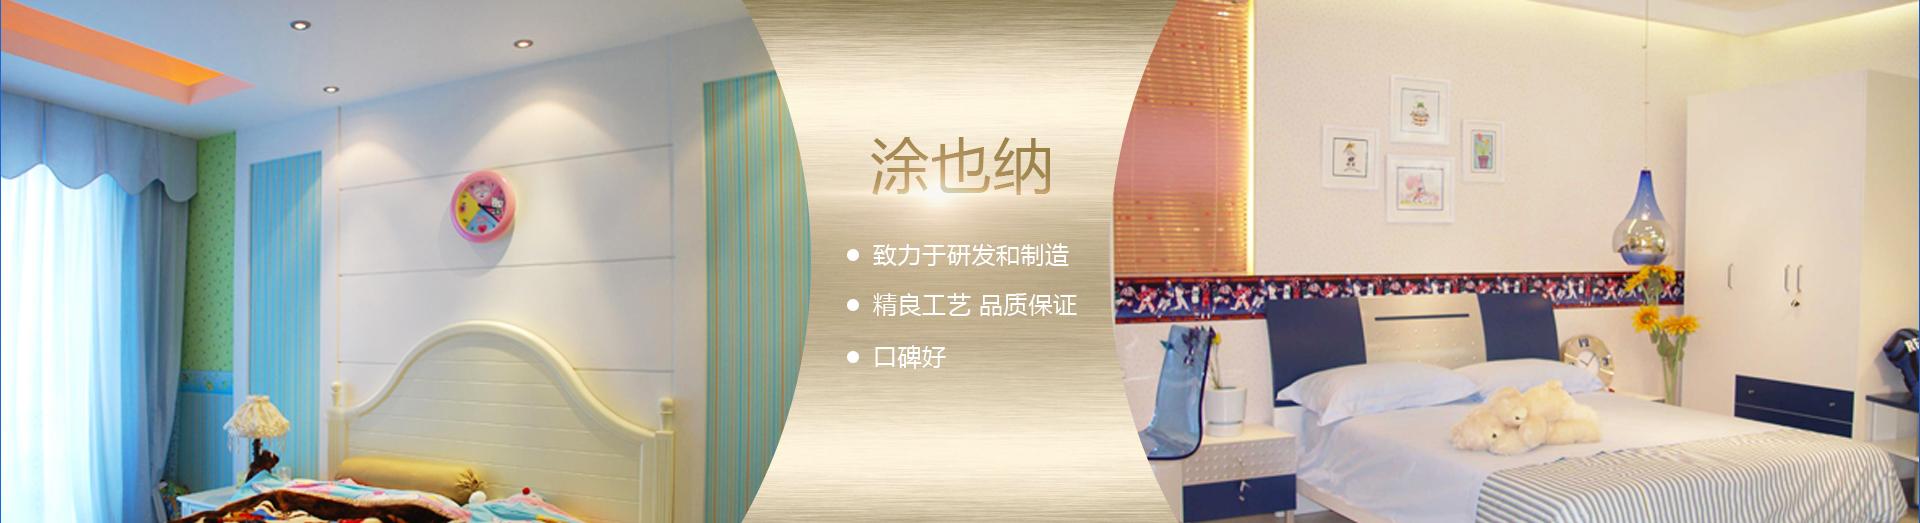 福州艺术涂料